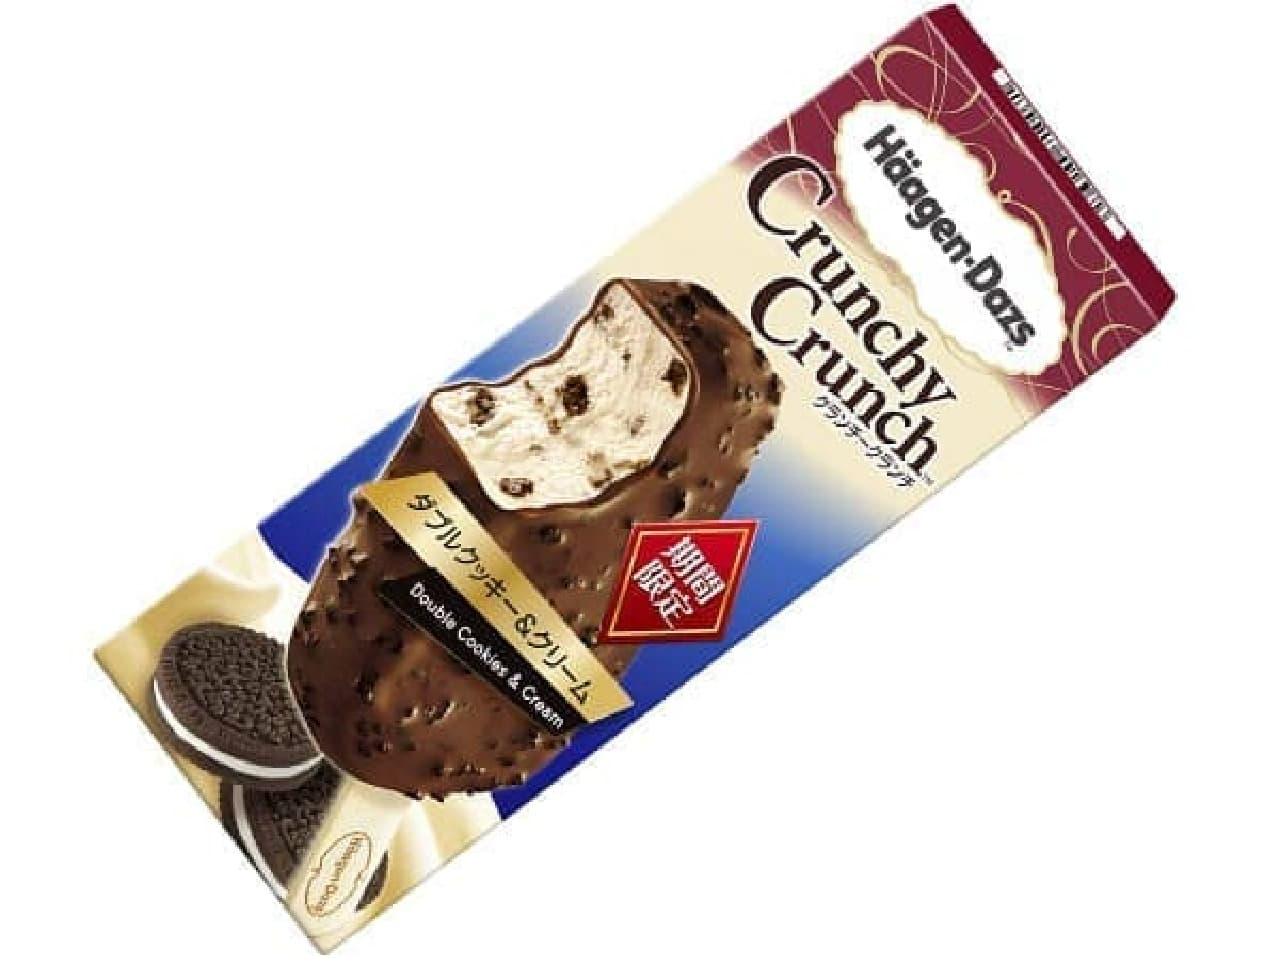 ハーゲンダッツに新作「クランチークランチ ダブルクッキー&クリーム」